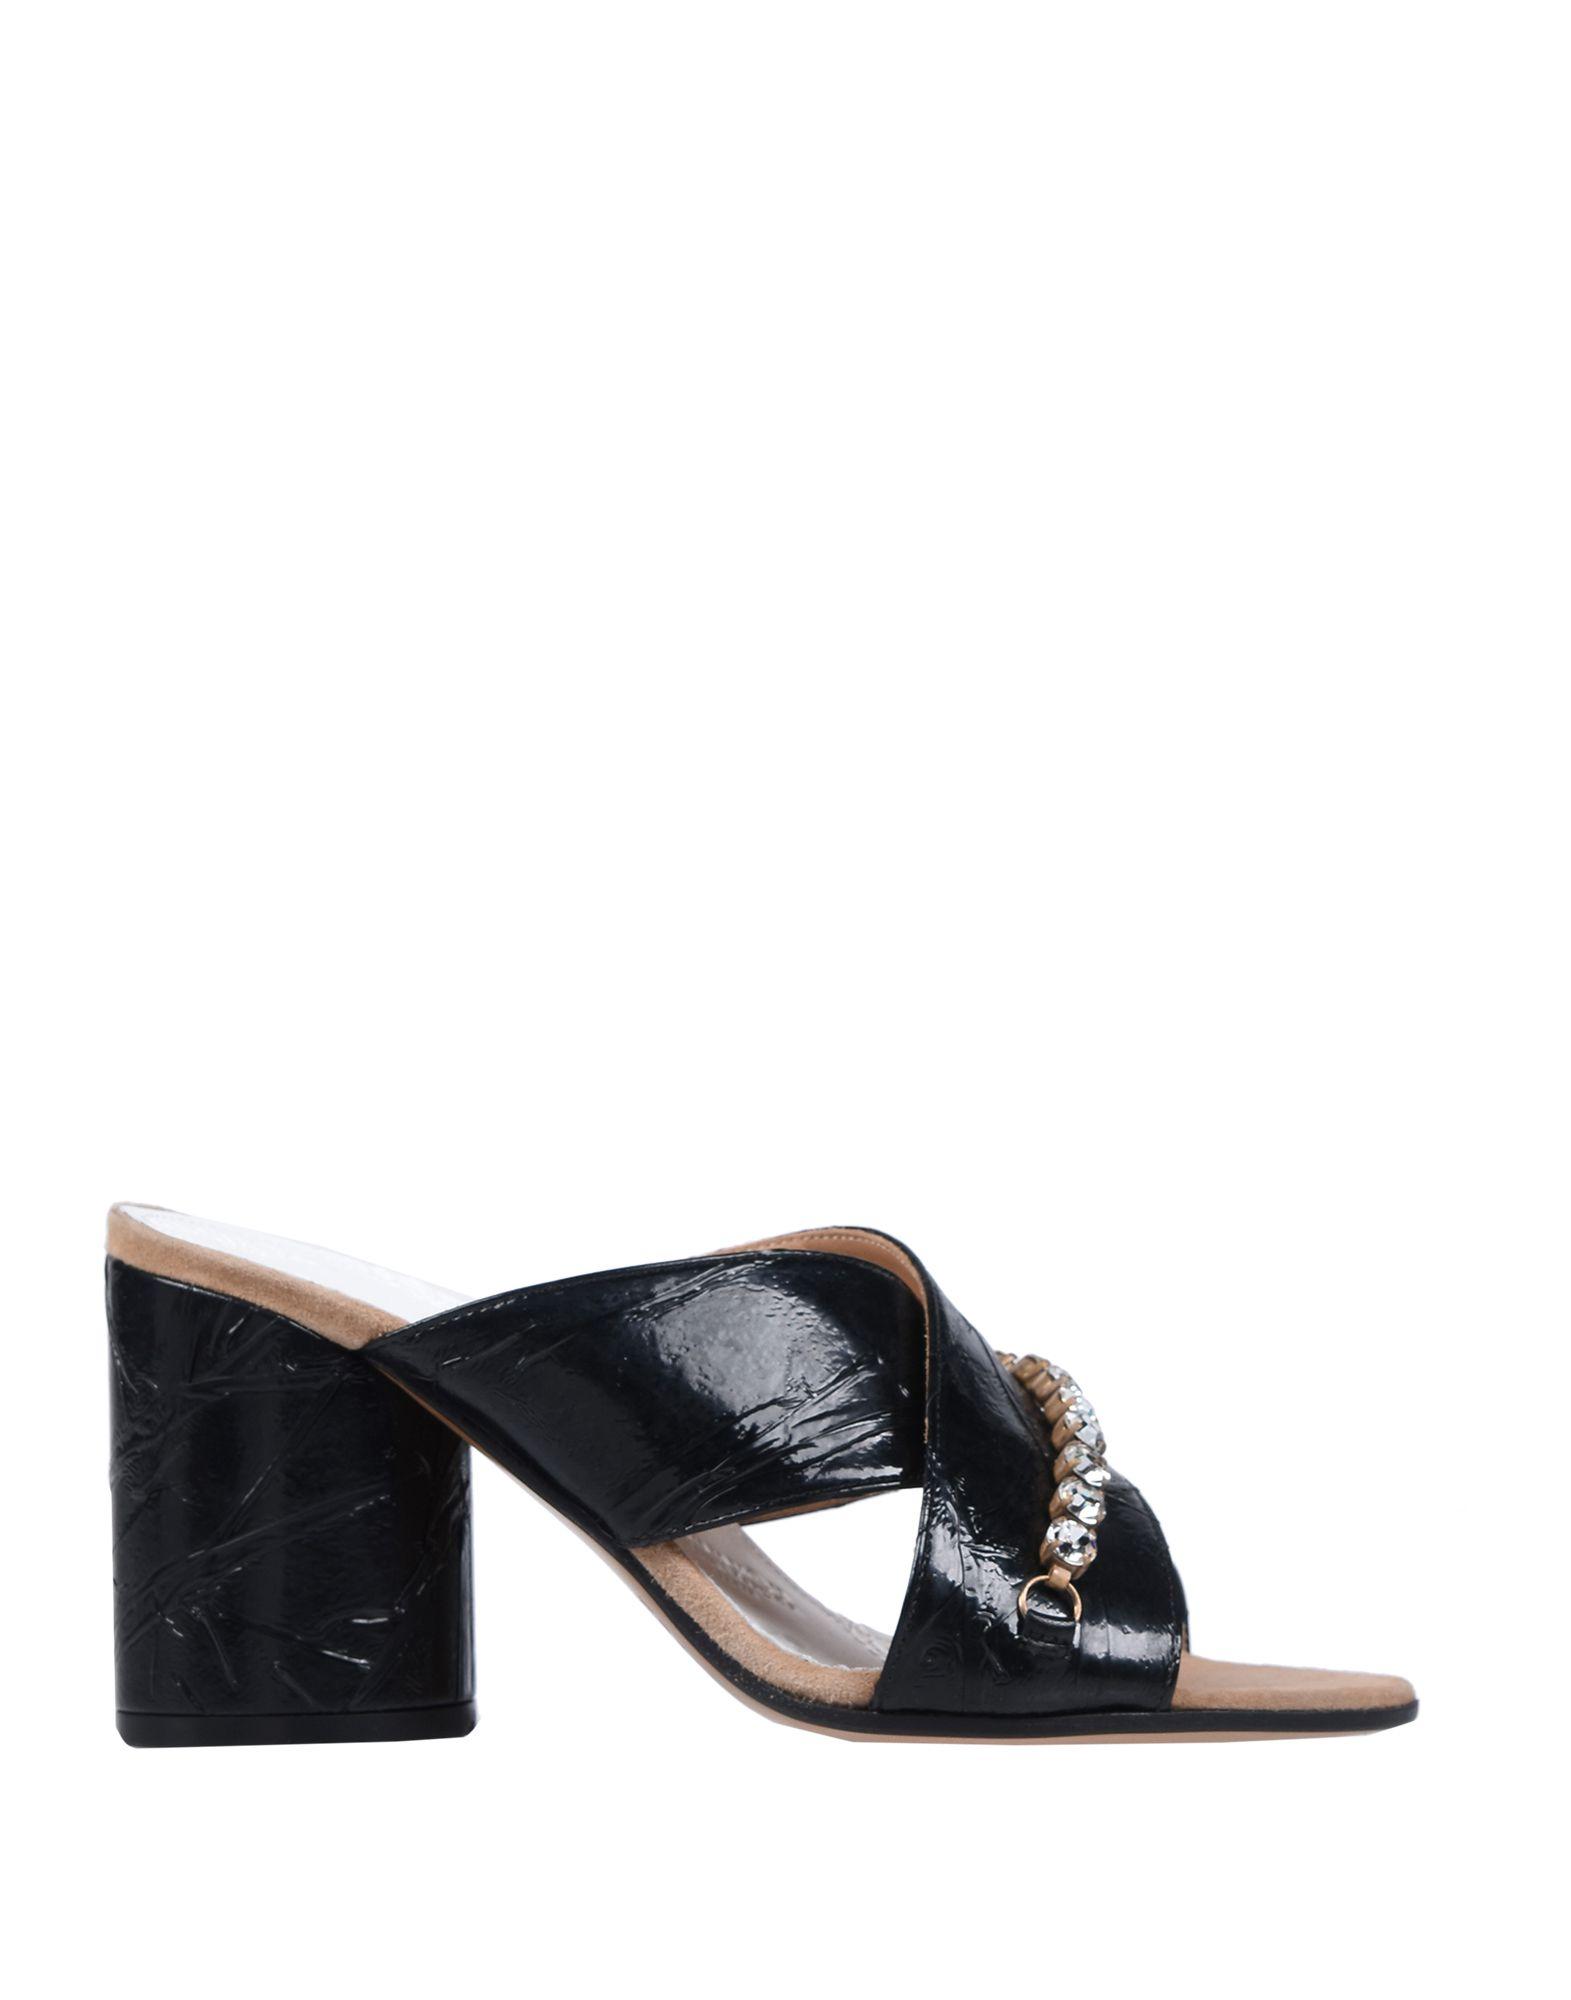 Maison Maison Margiela Sandals - Women Maison Maison Margiela Sandals online on  Australia - 11492793EI fd48e1